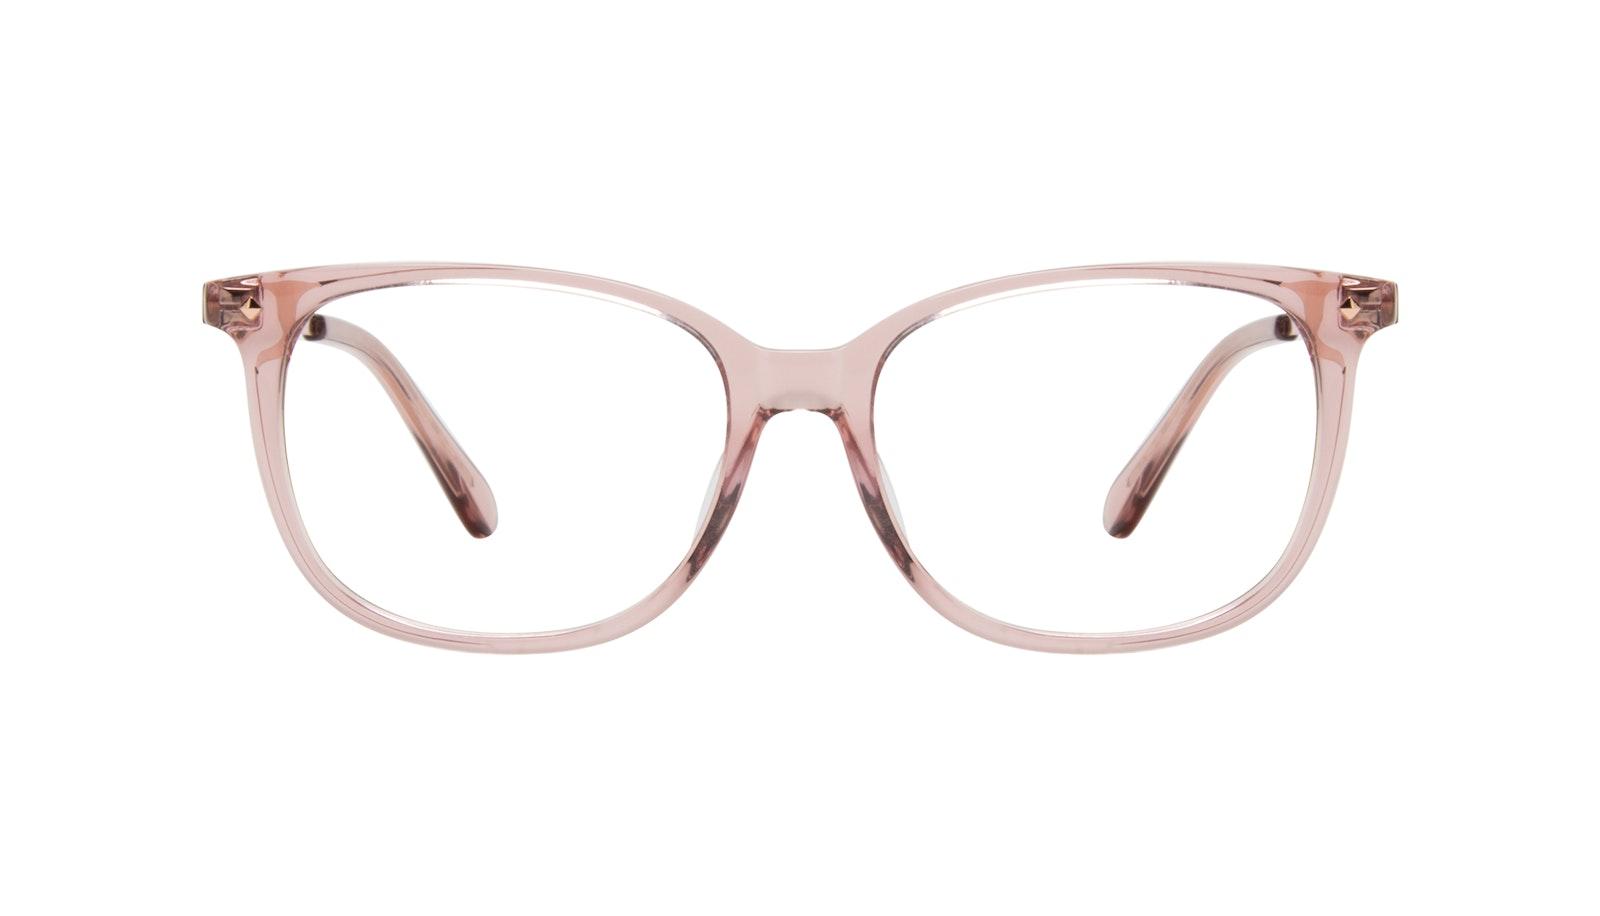 Lunettes tendance Rectangle Carrée Lunettes de vue Femmes Refine Rose